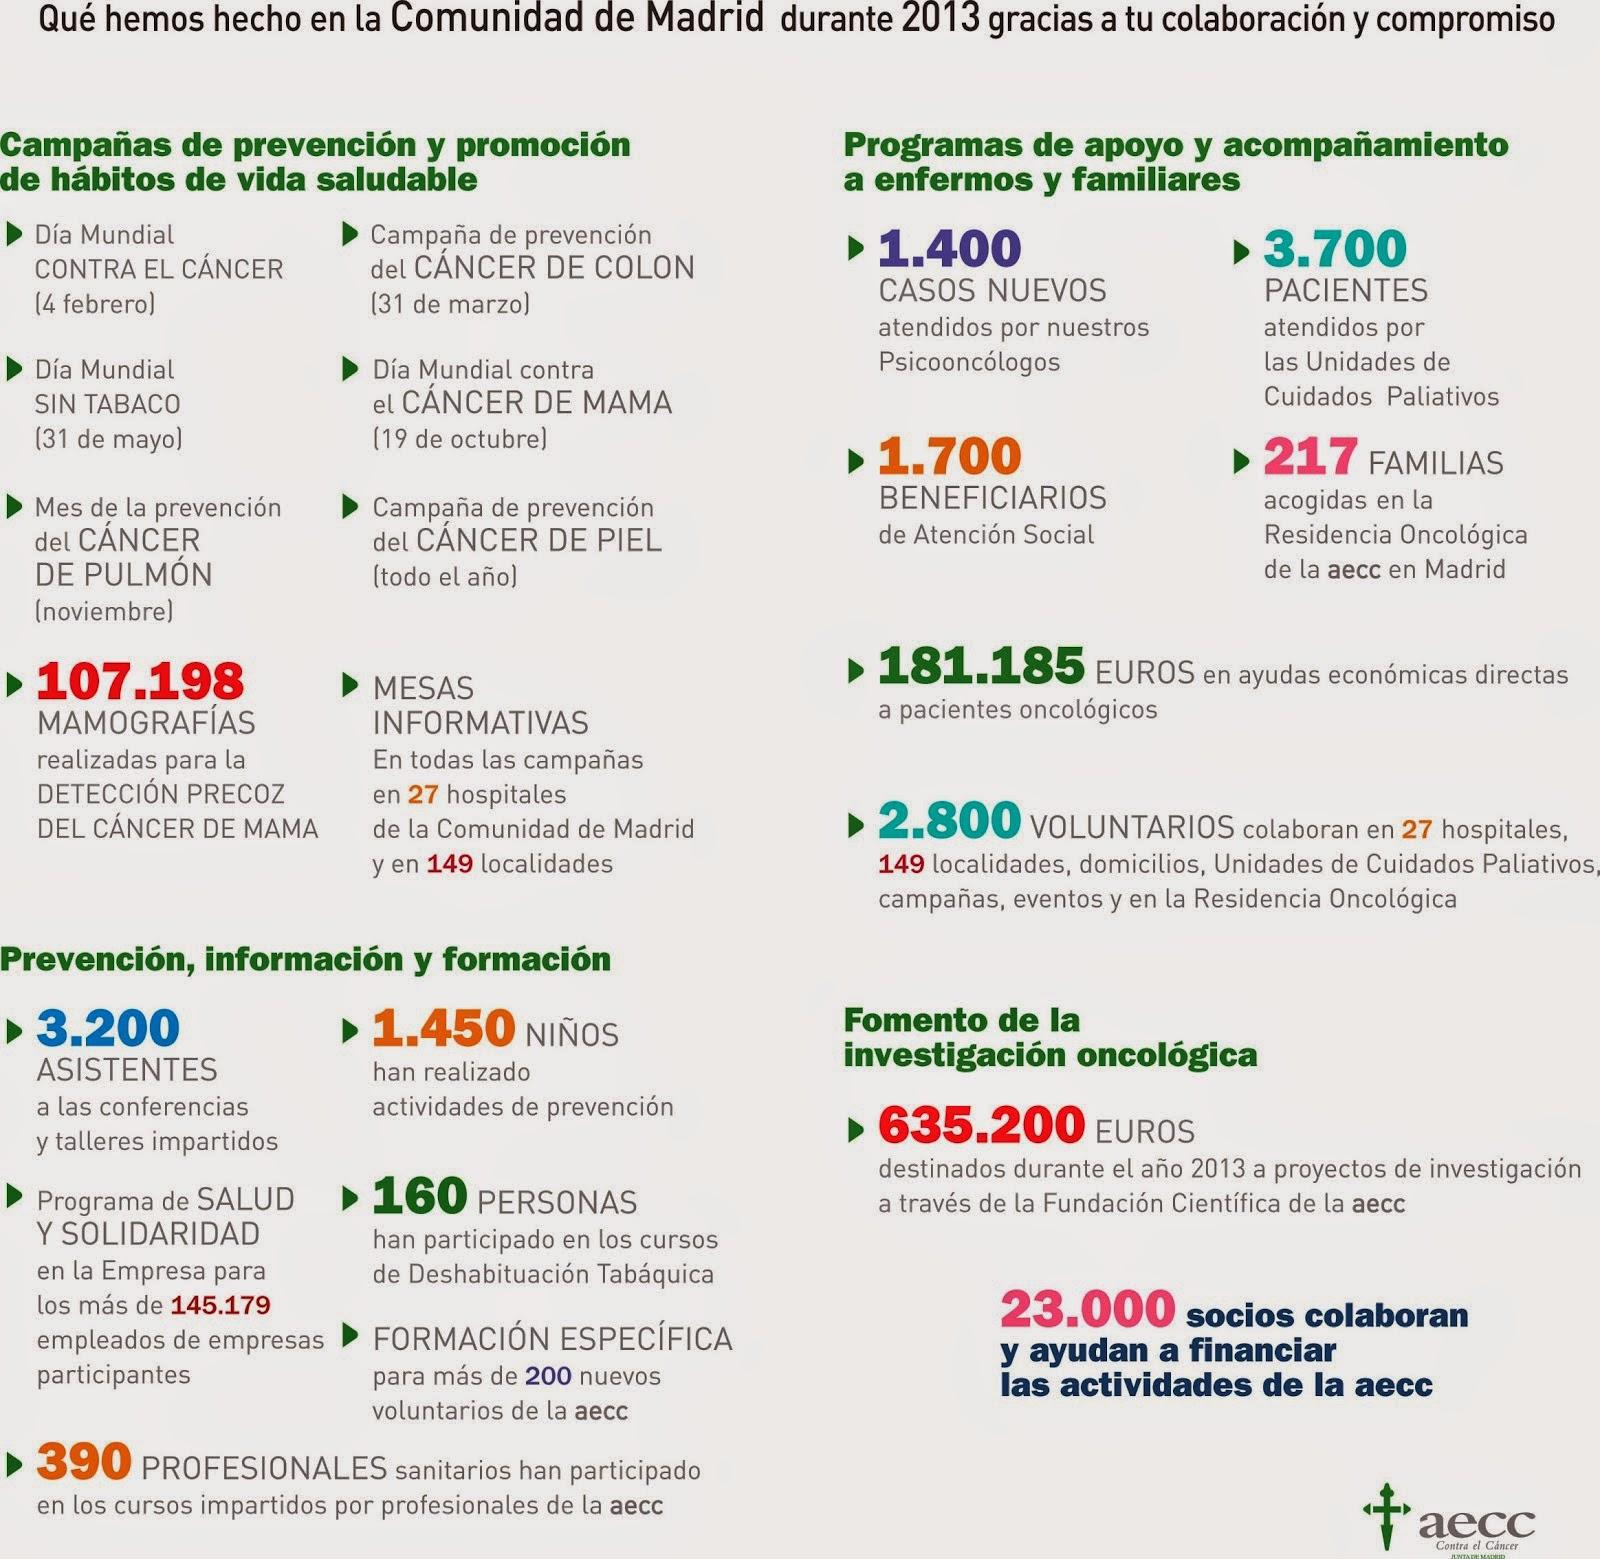 Qué hemos hecho en la Comunidad Madrid 2013